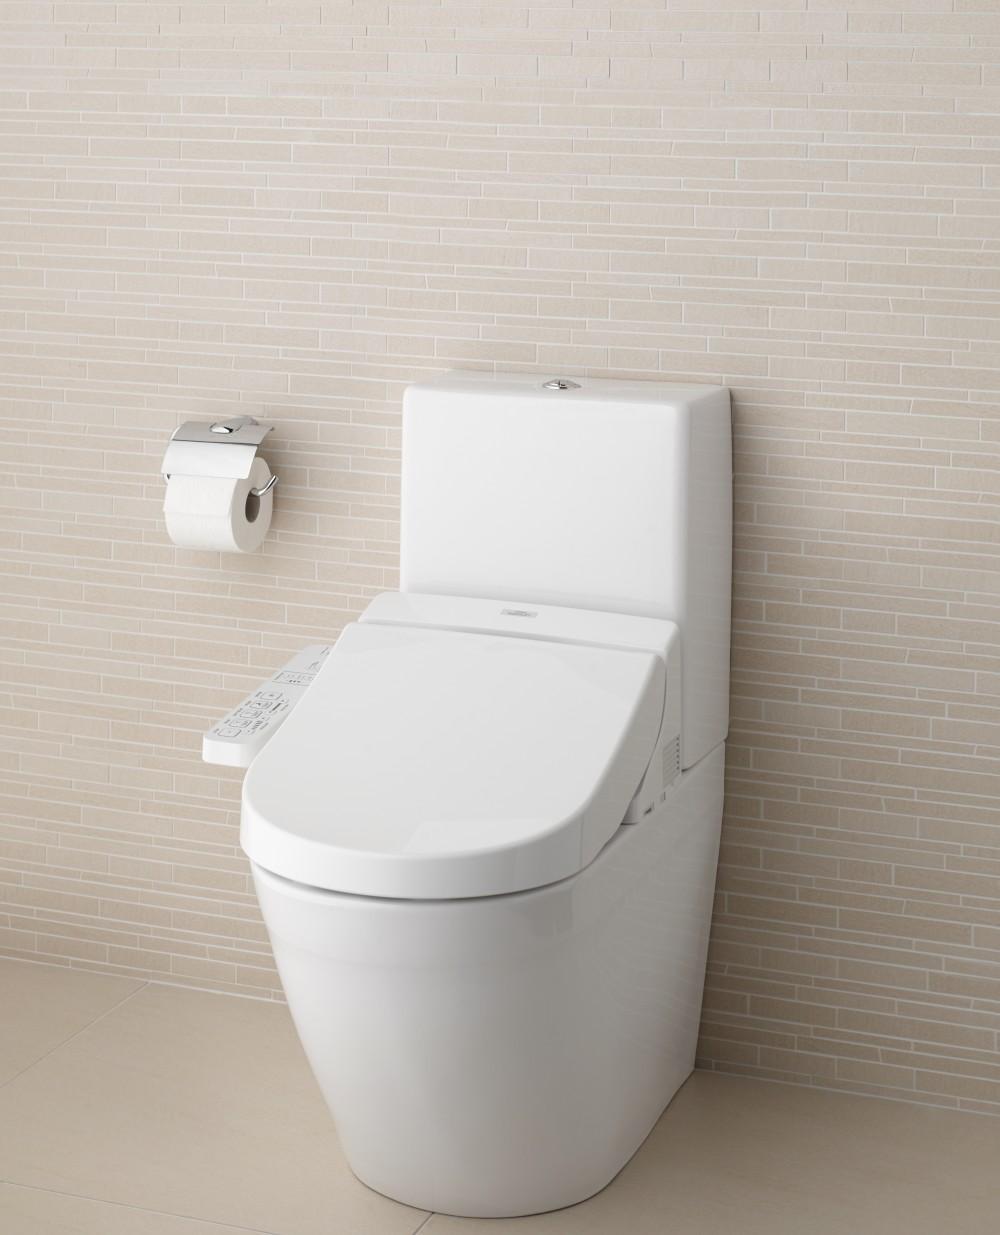 japanese style toilet uk.  toto washlet ek 2 0 close coupled rimless one piece toilet pan TOTO WASHLET EK Japanese bidet seat Tooaleta